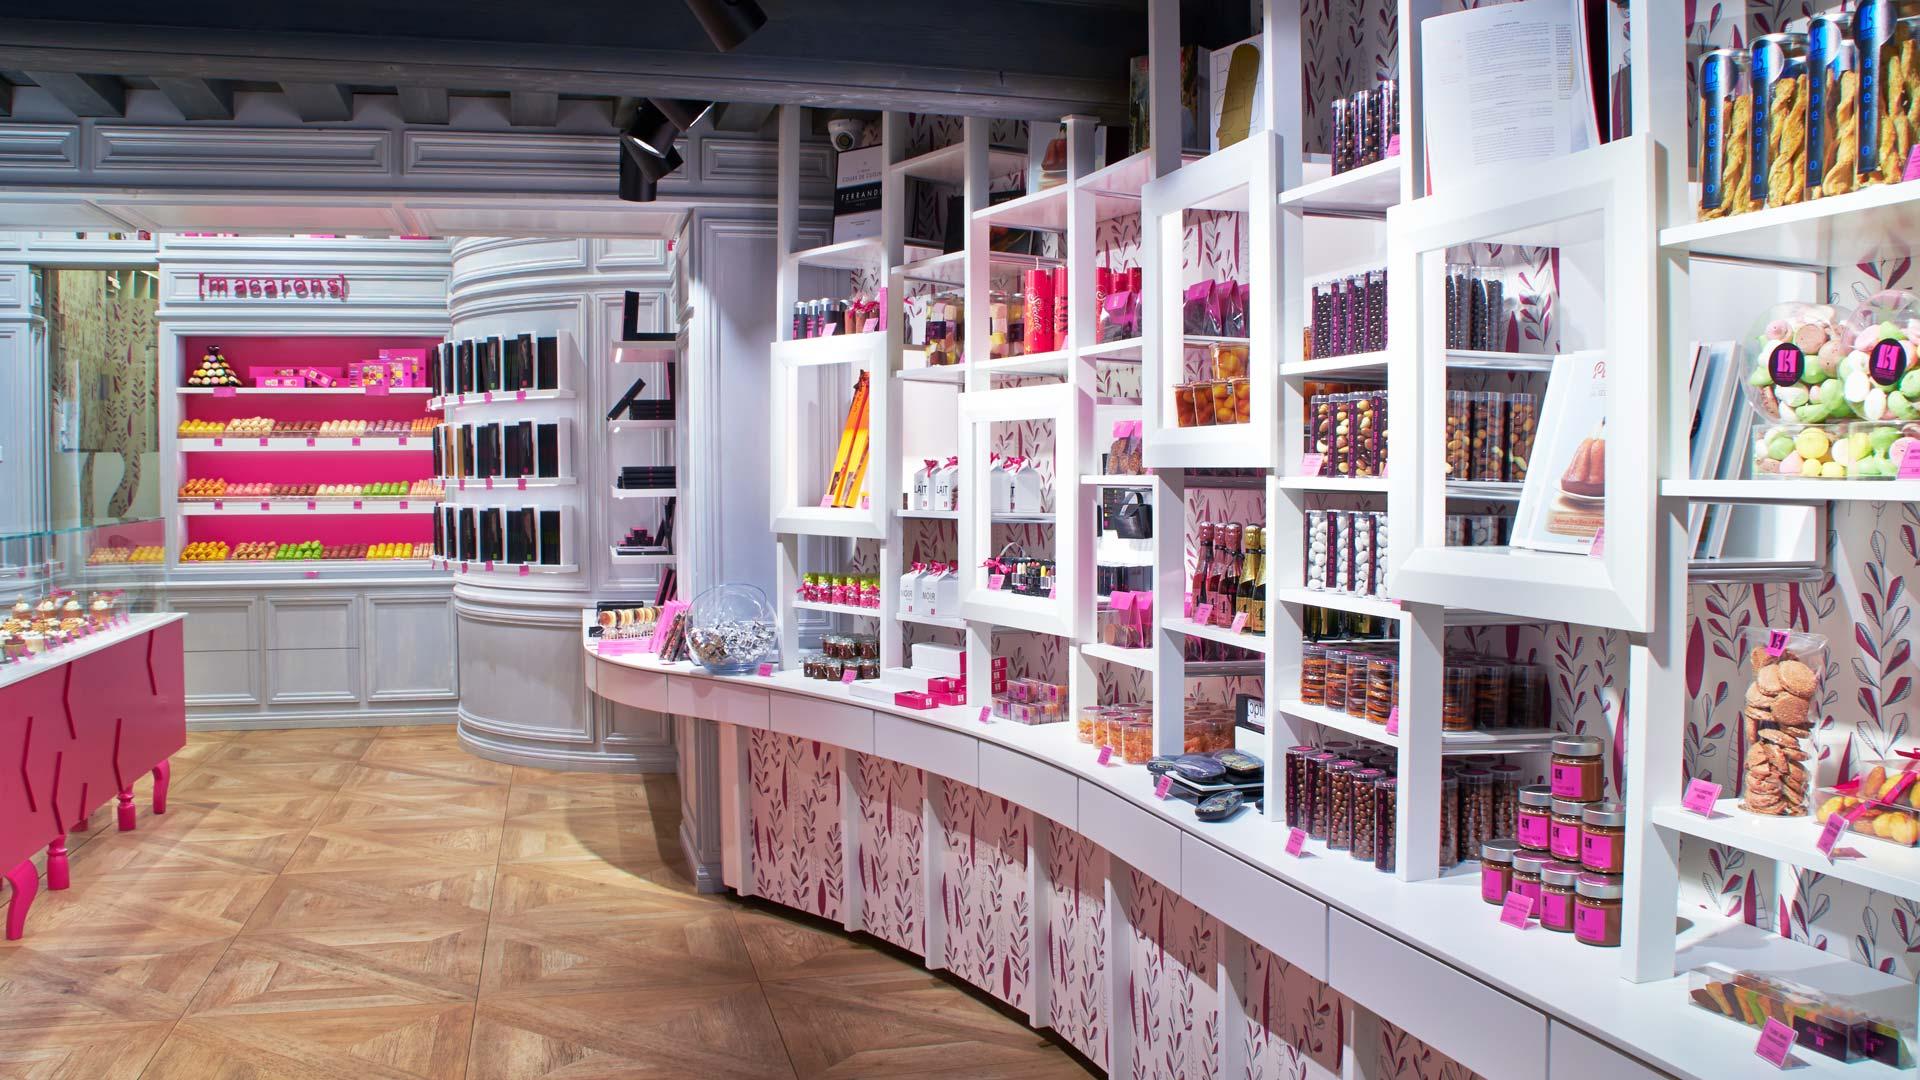 p tissier chocolatier bouillet boutique p tisserie maison fond e en 1977. Black Bedroom Furniture Sets. Home Design Ideas